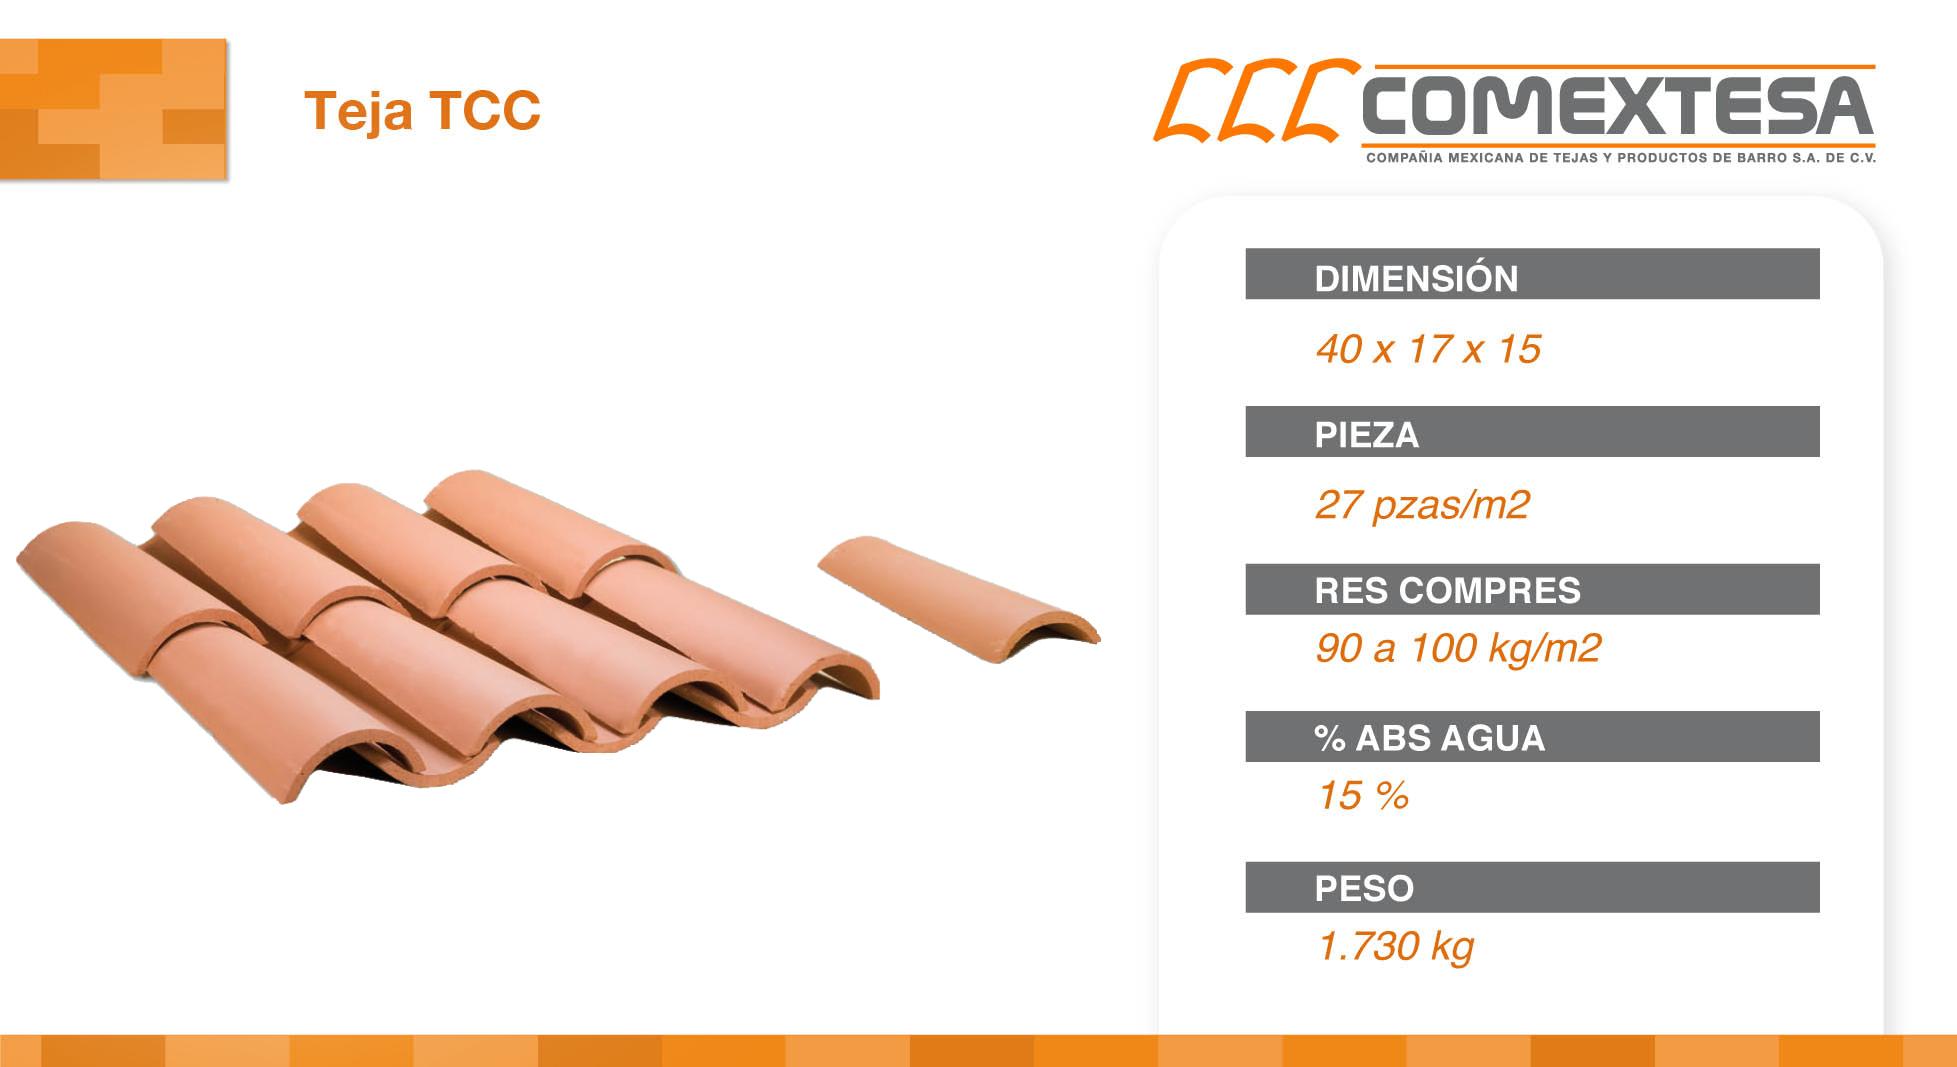 Teja TCC